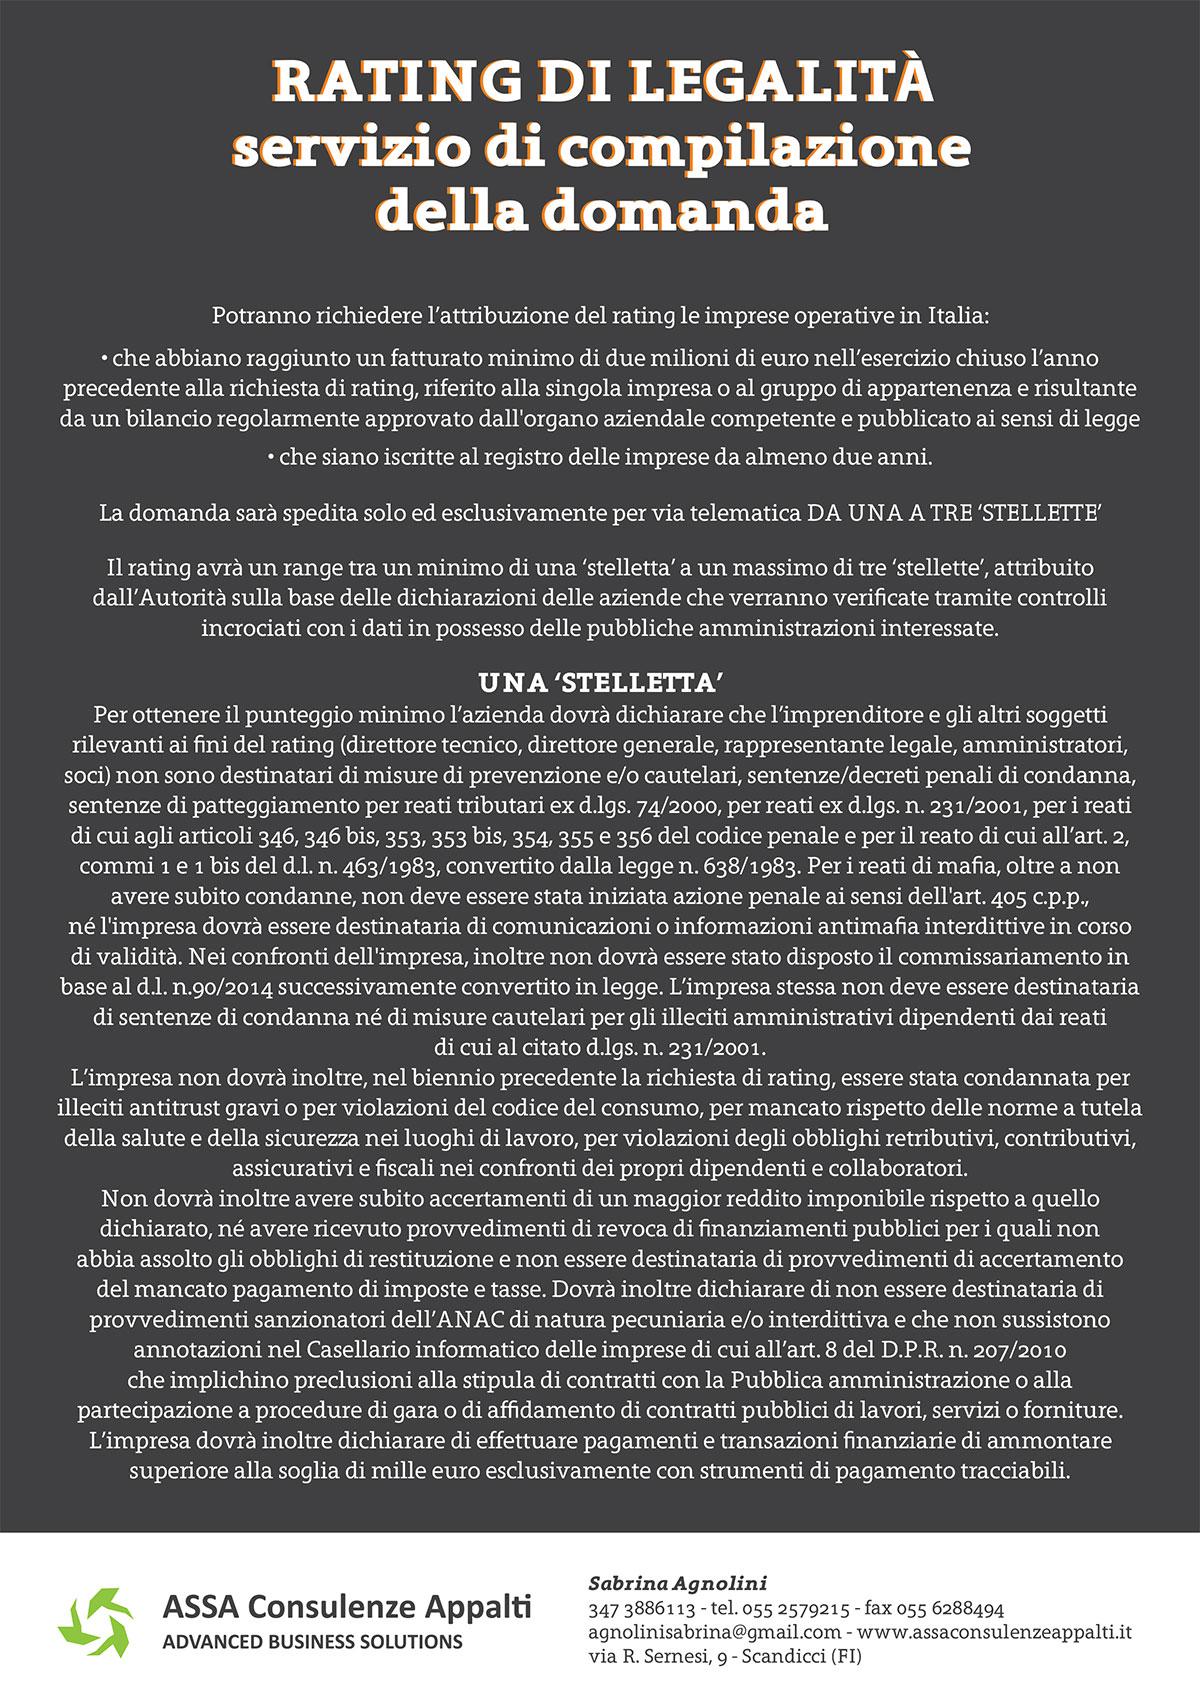 17_11_Assa_A4_legalità_mm-1